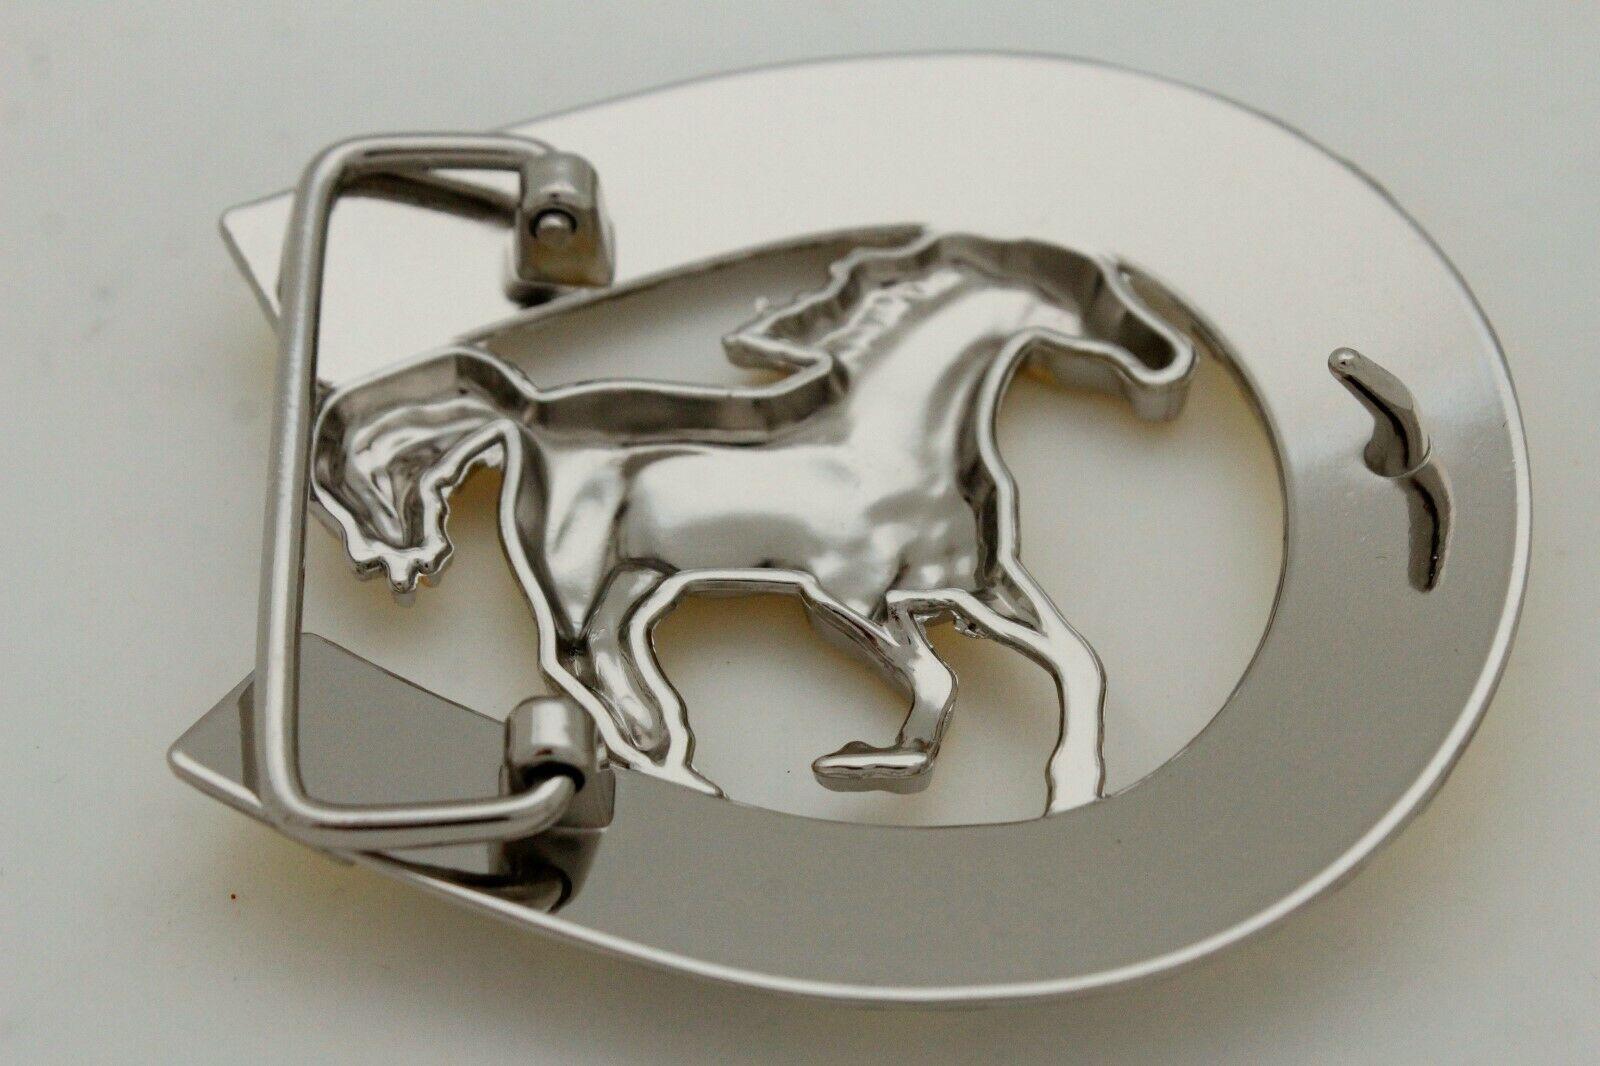 Hombre Western Cowboys Cinturón Hebilla Metal Plateado Caballo Rodeo Detalle image 5